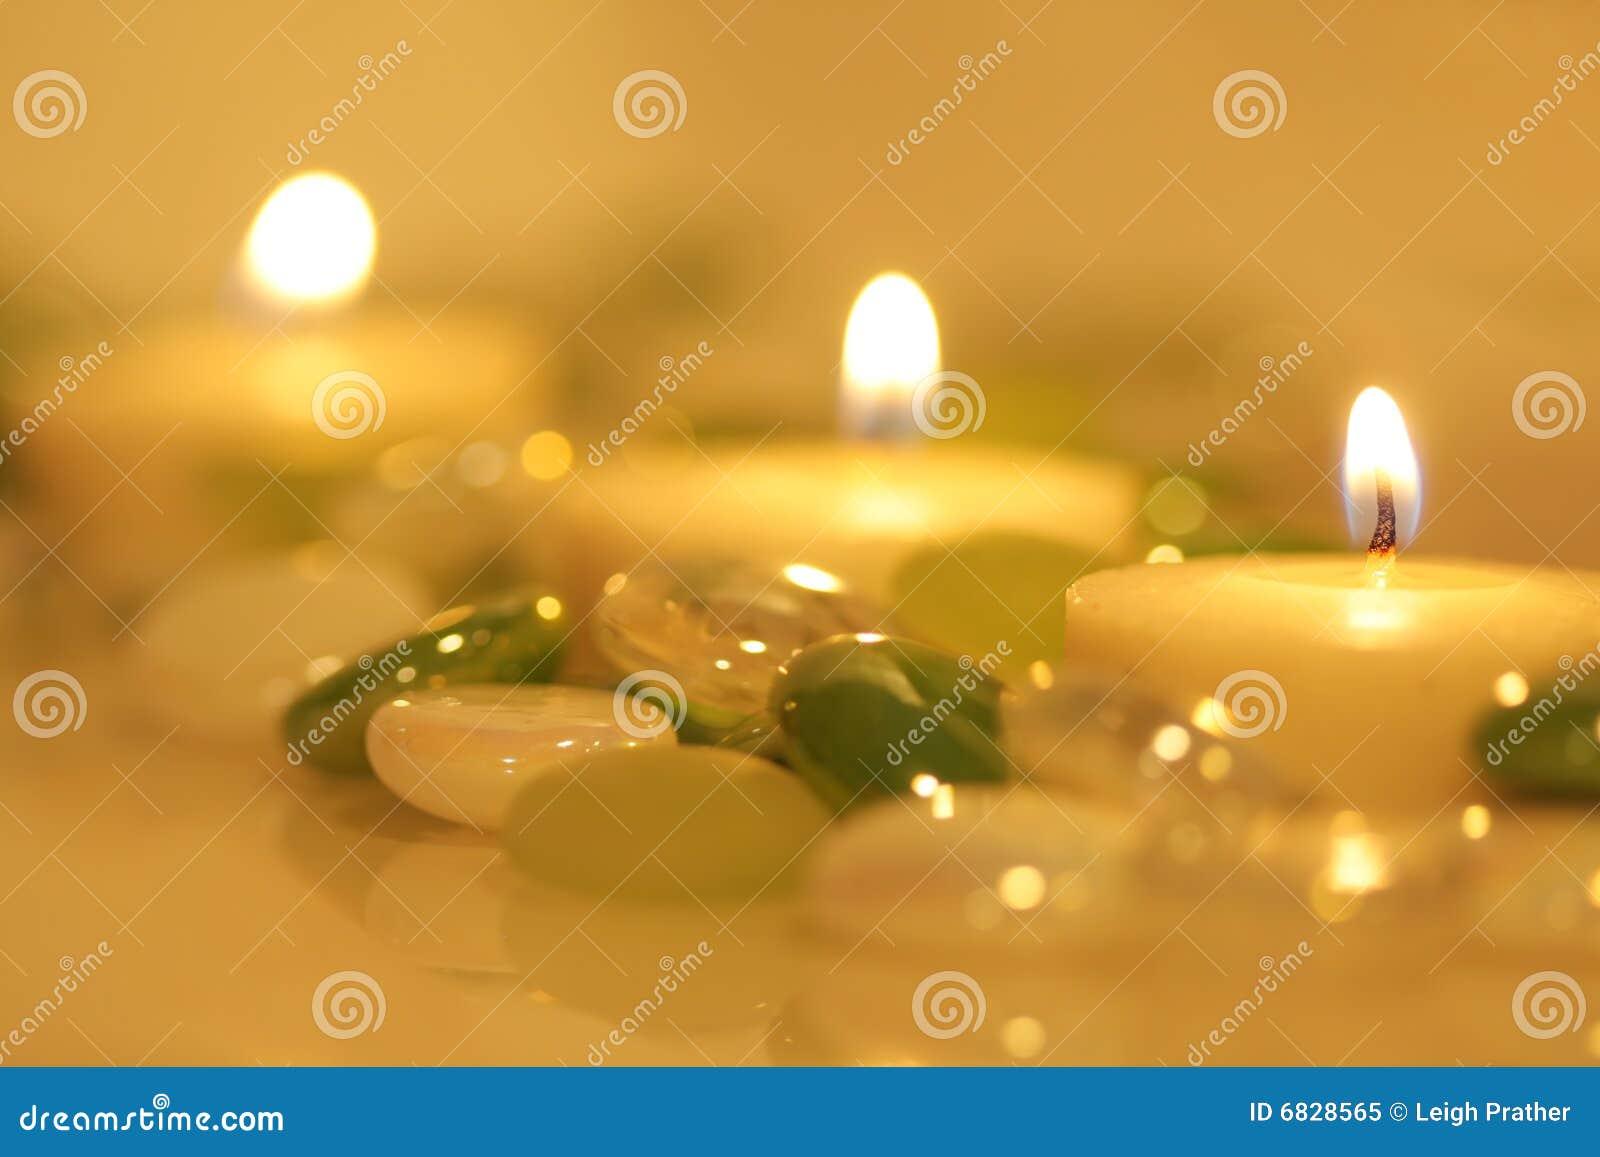 小珠被点燃的蜡烛玻璃